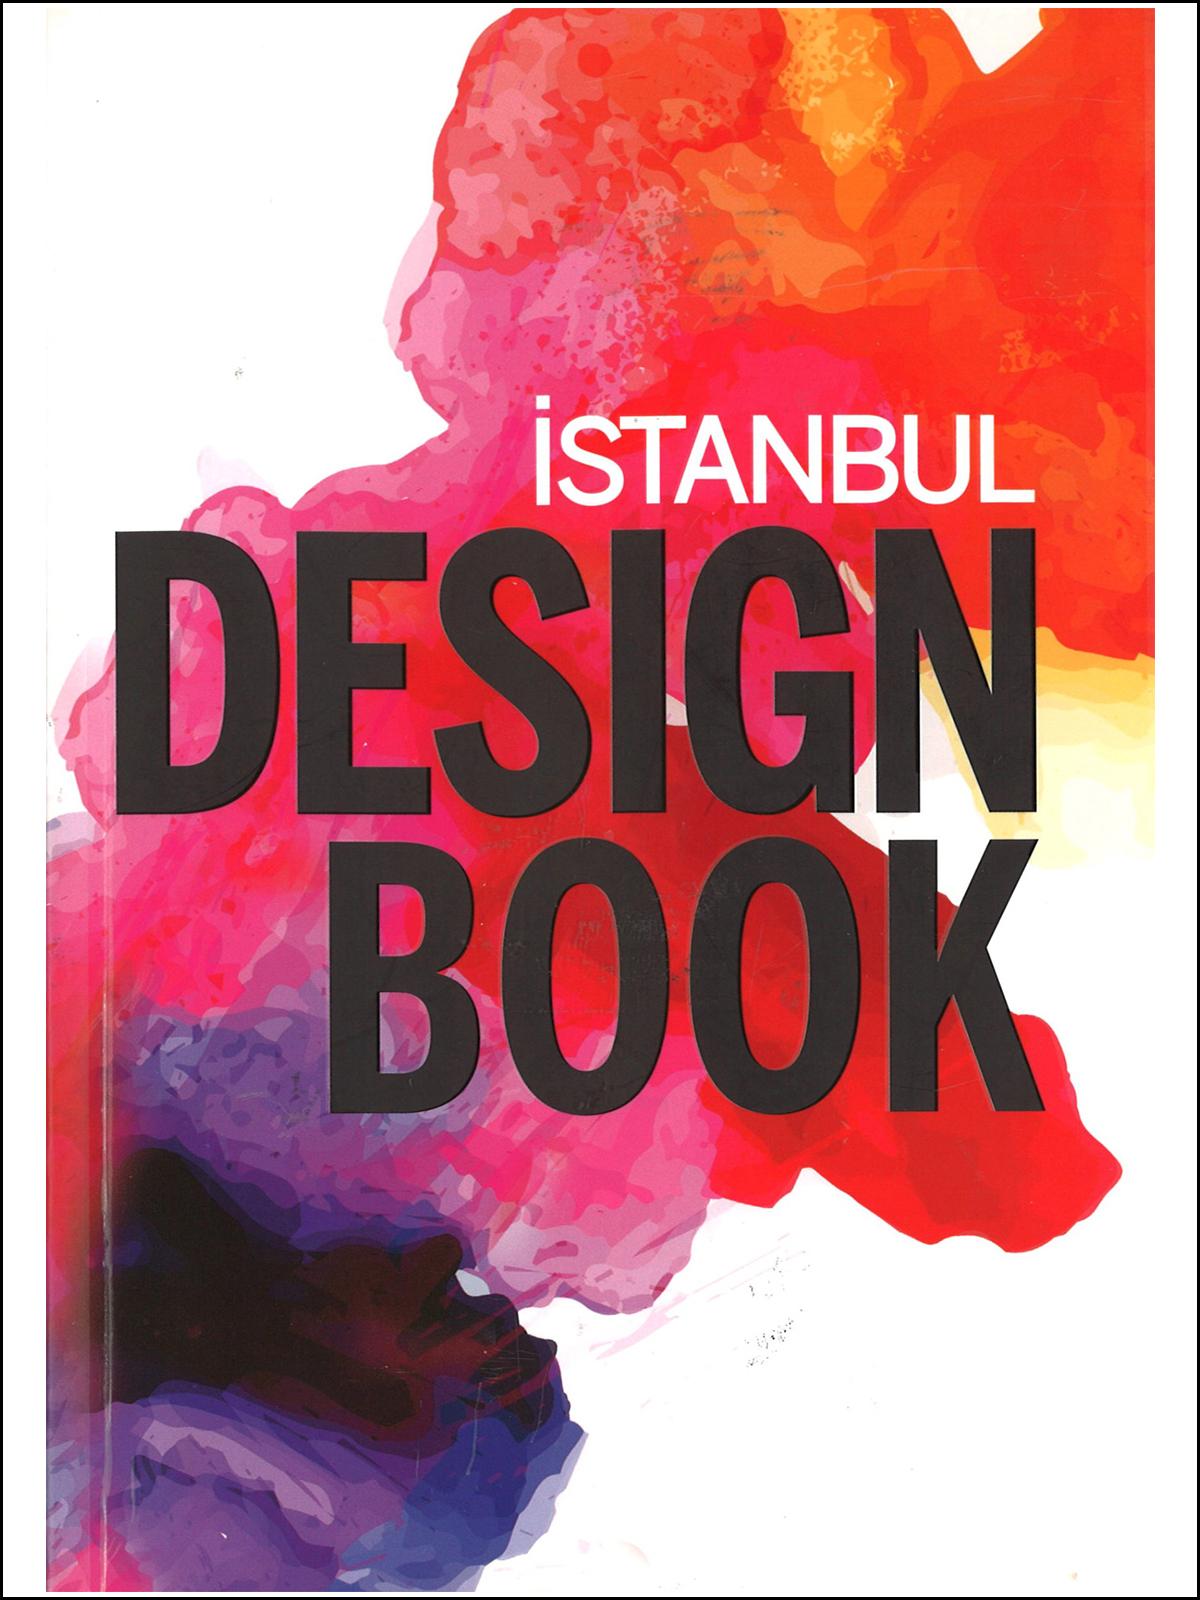 Istanbul Design Book